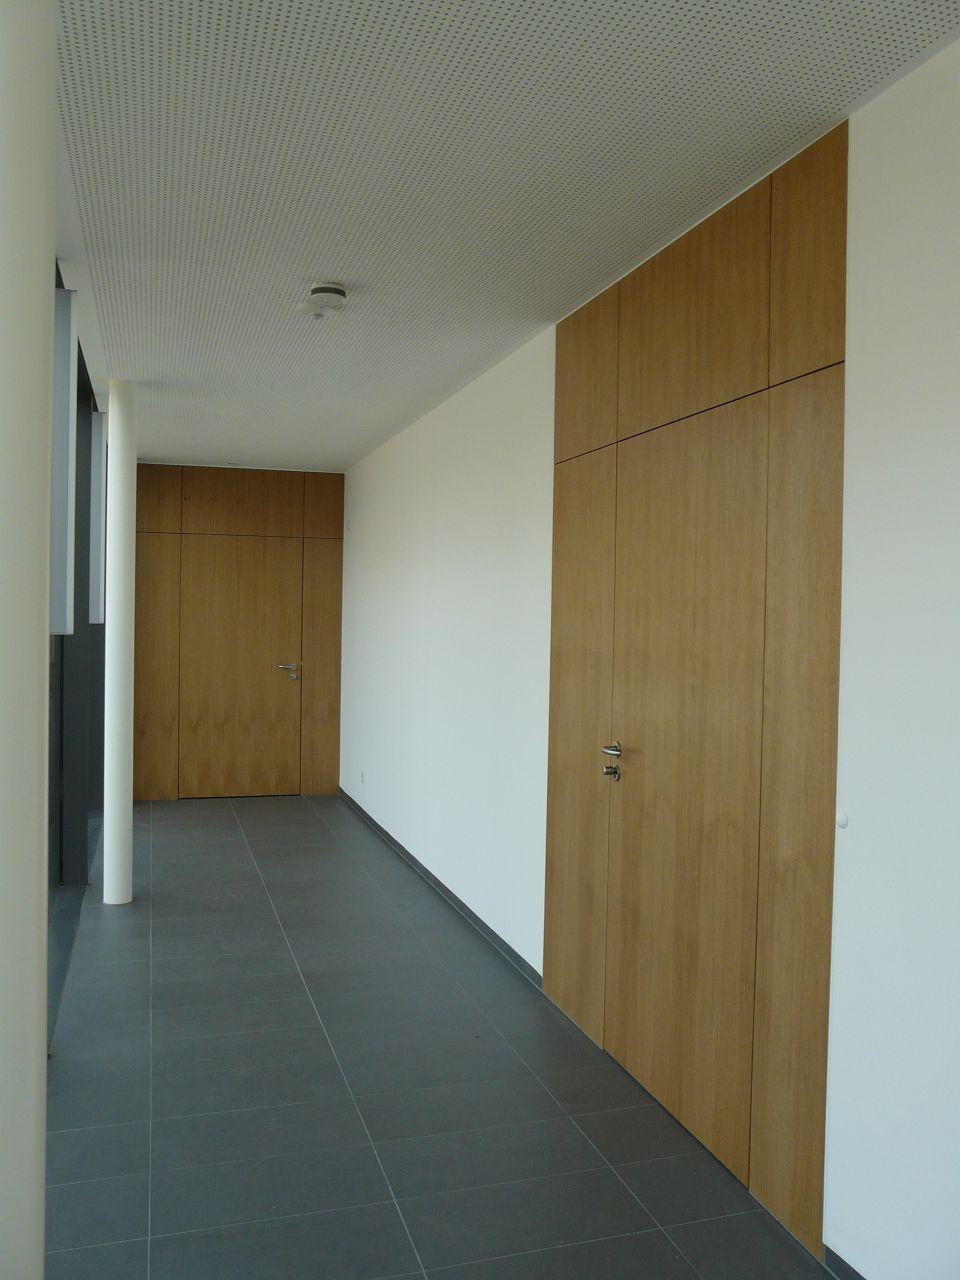 Tischlerei-Baeumer-Altenberge-Pfarrheim-Lengerich-Einbaumoebel-Innentueren_10